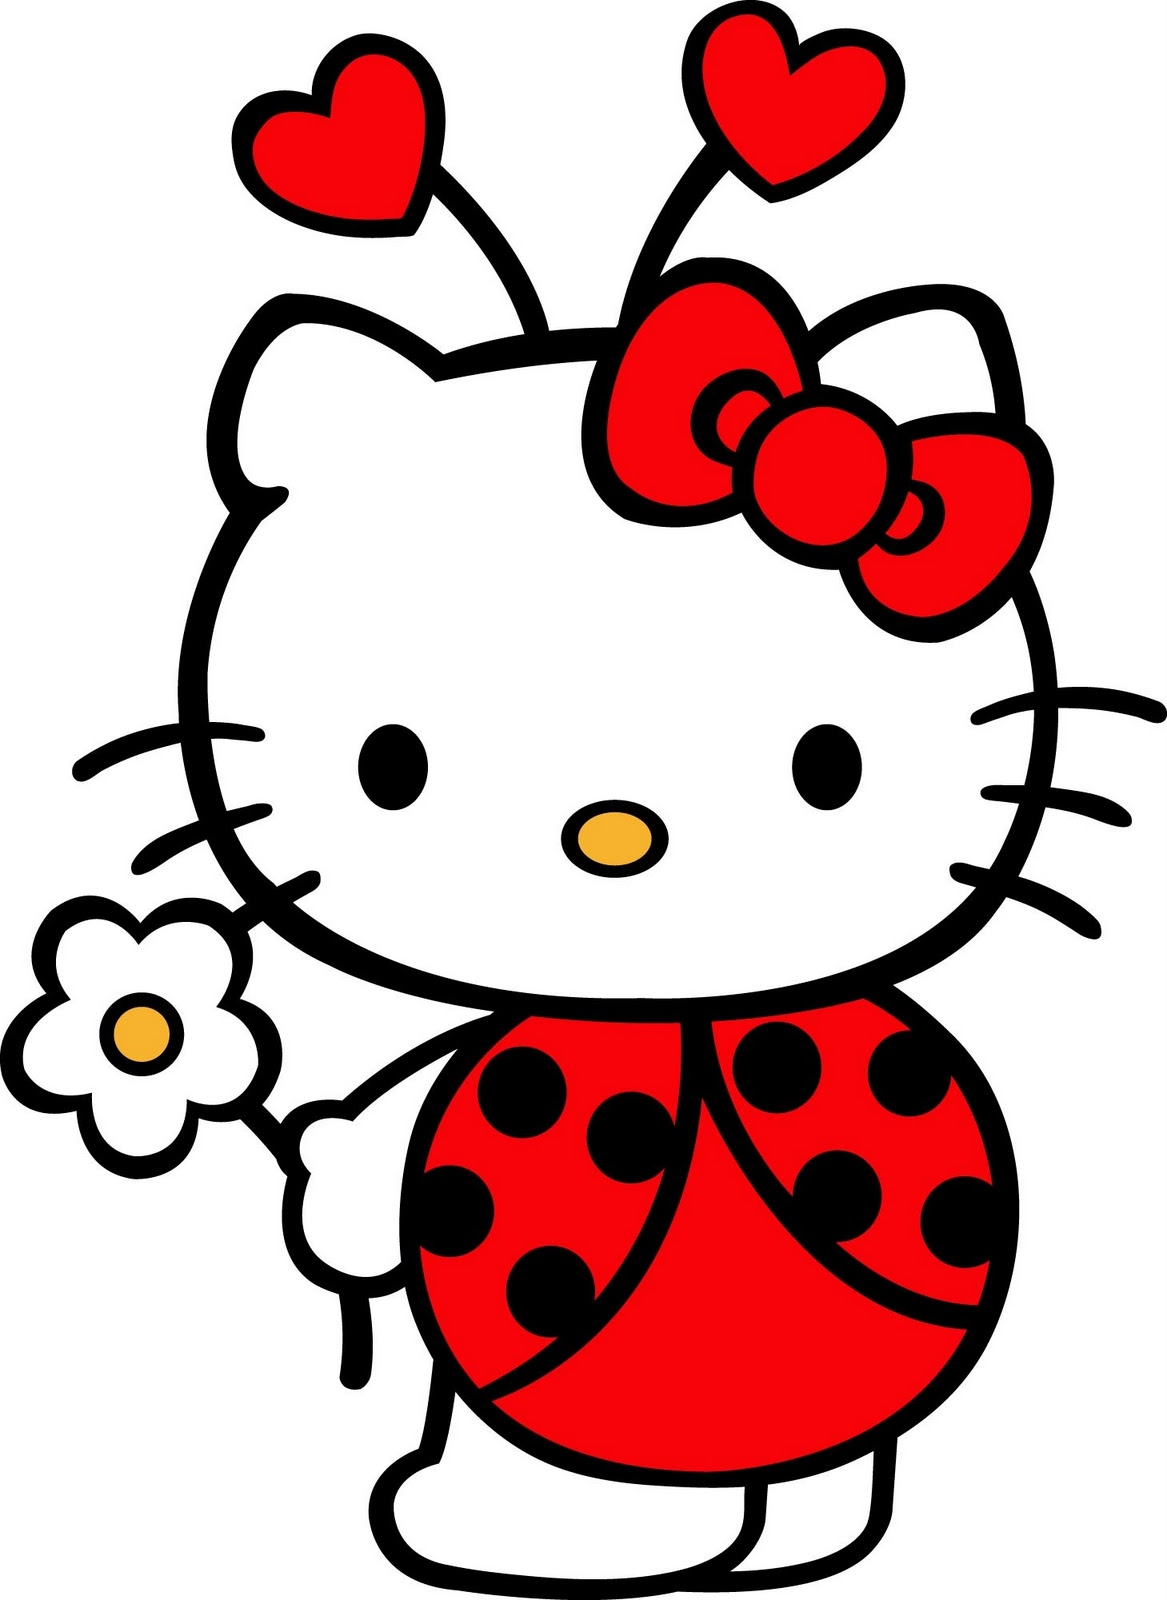 hello-kitty-Buscar-con-Google-wallpaper-wp4606675